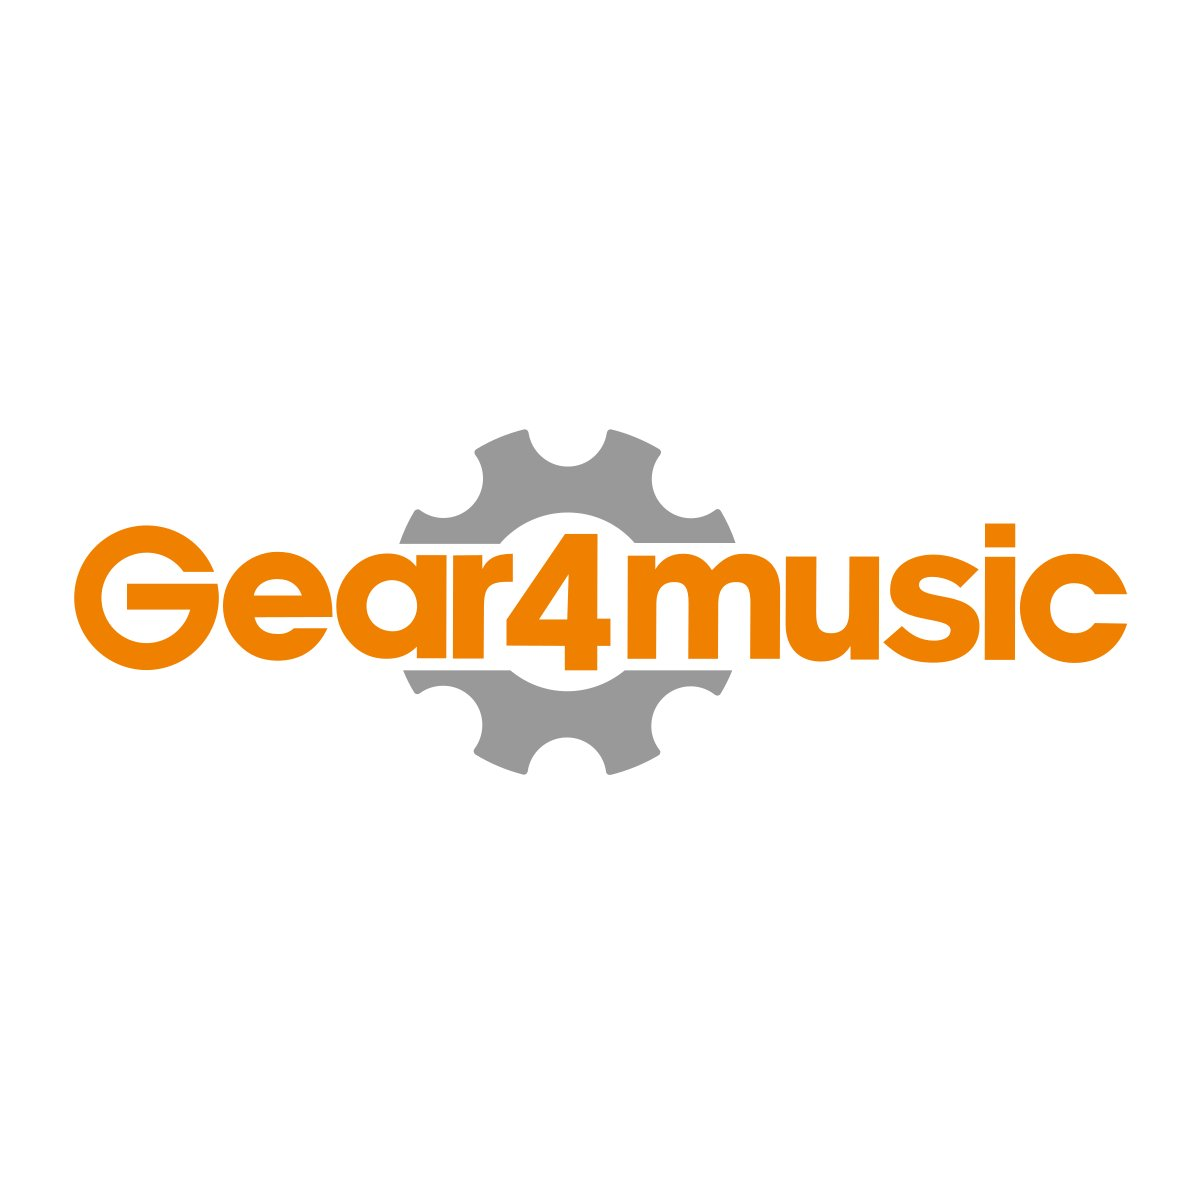 1/2 størrelse polstret klassisk gitar Gig Bag fra Gear4music